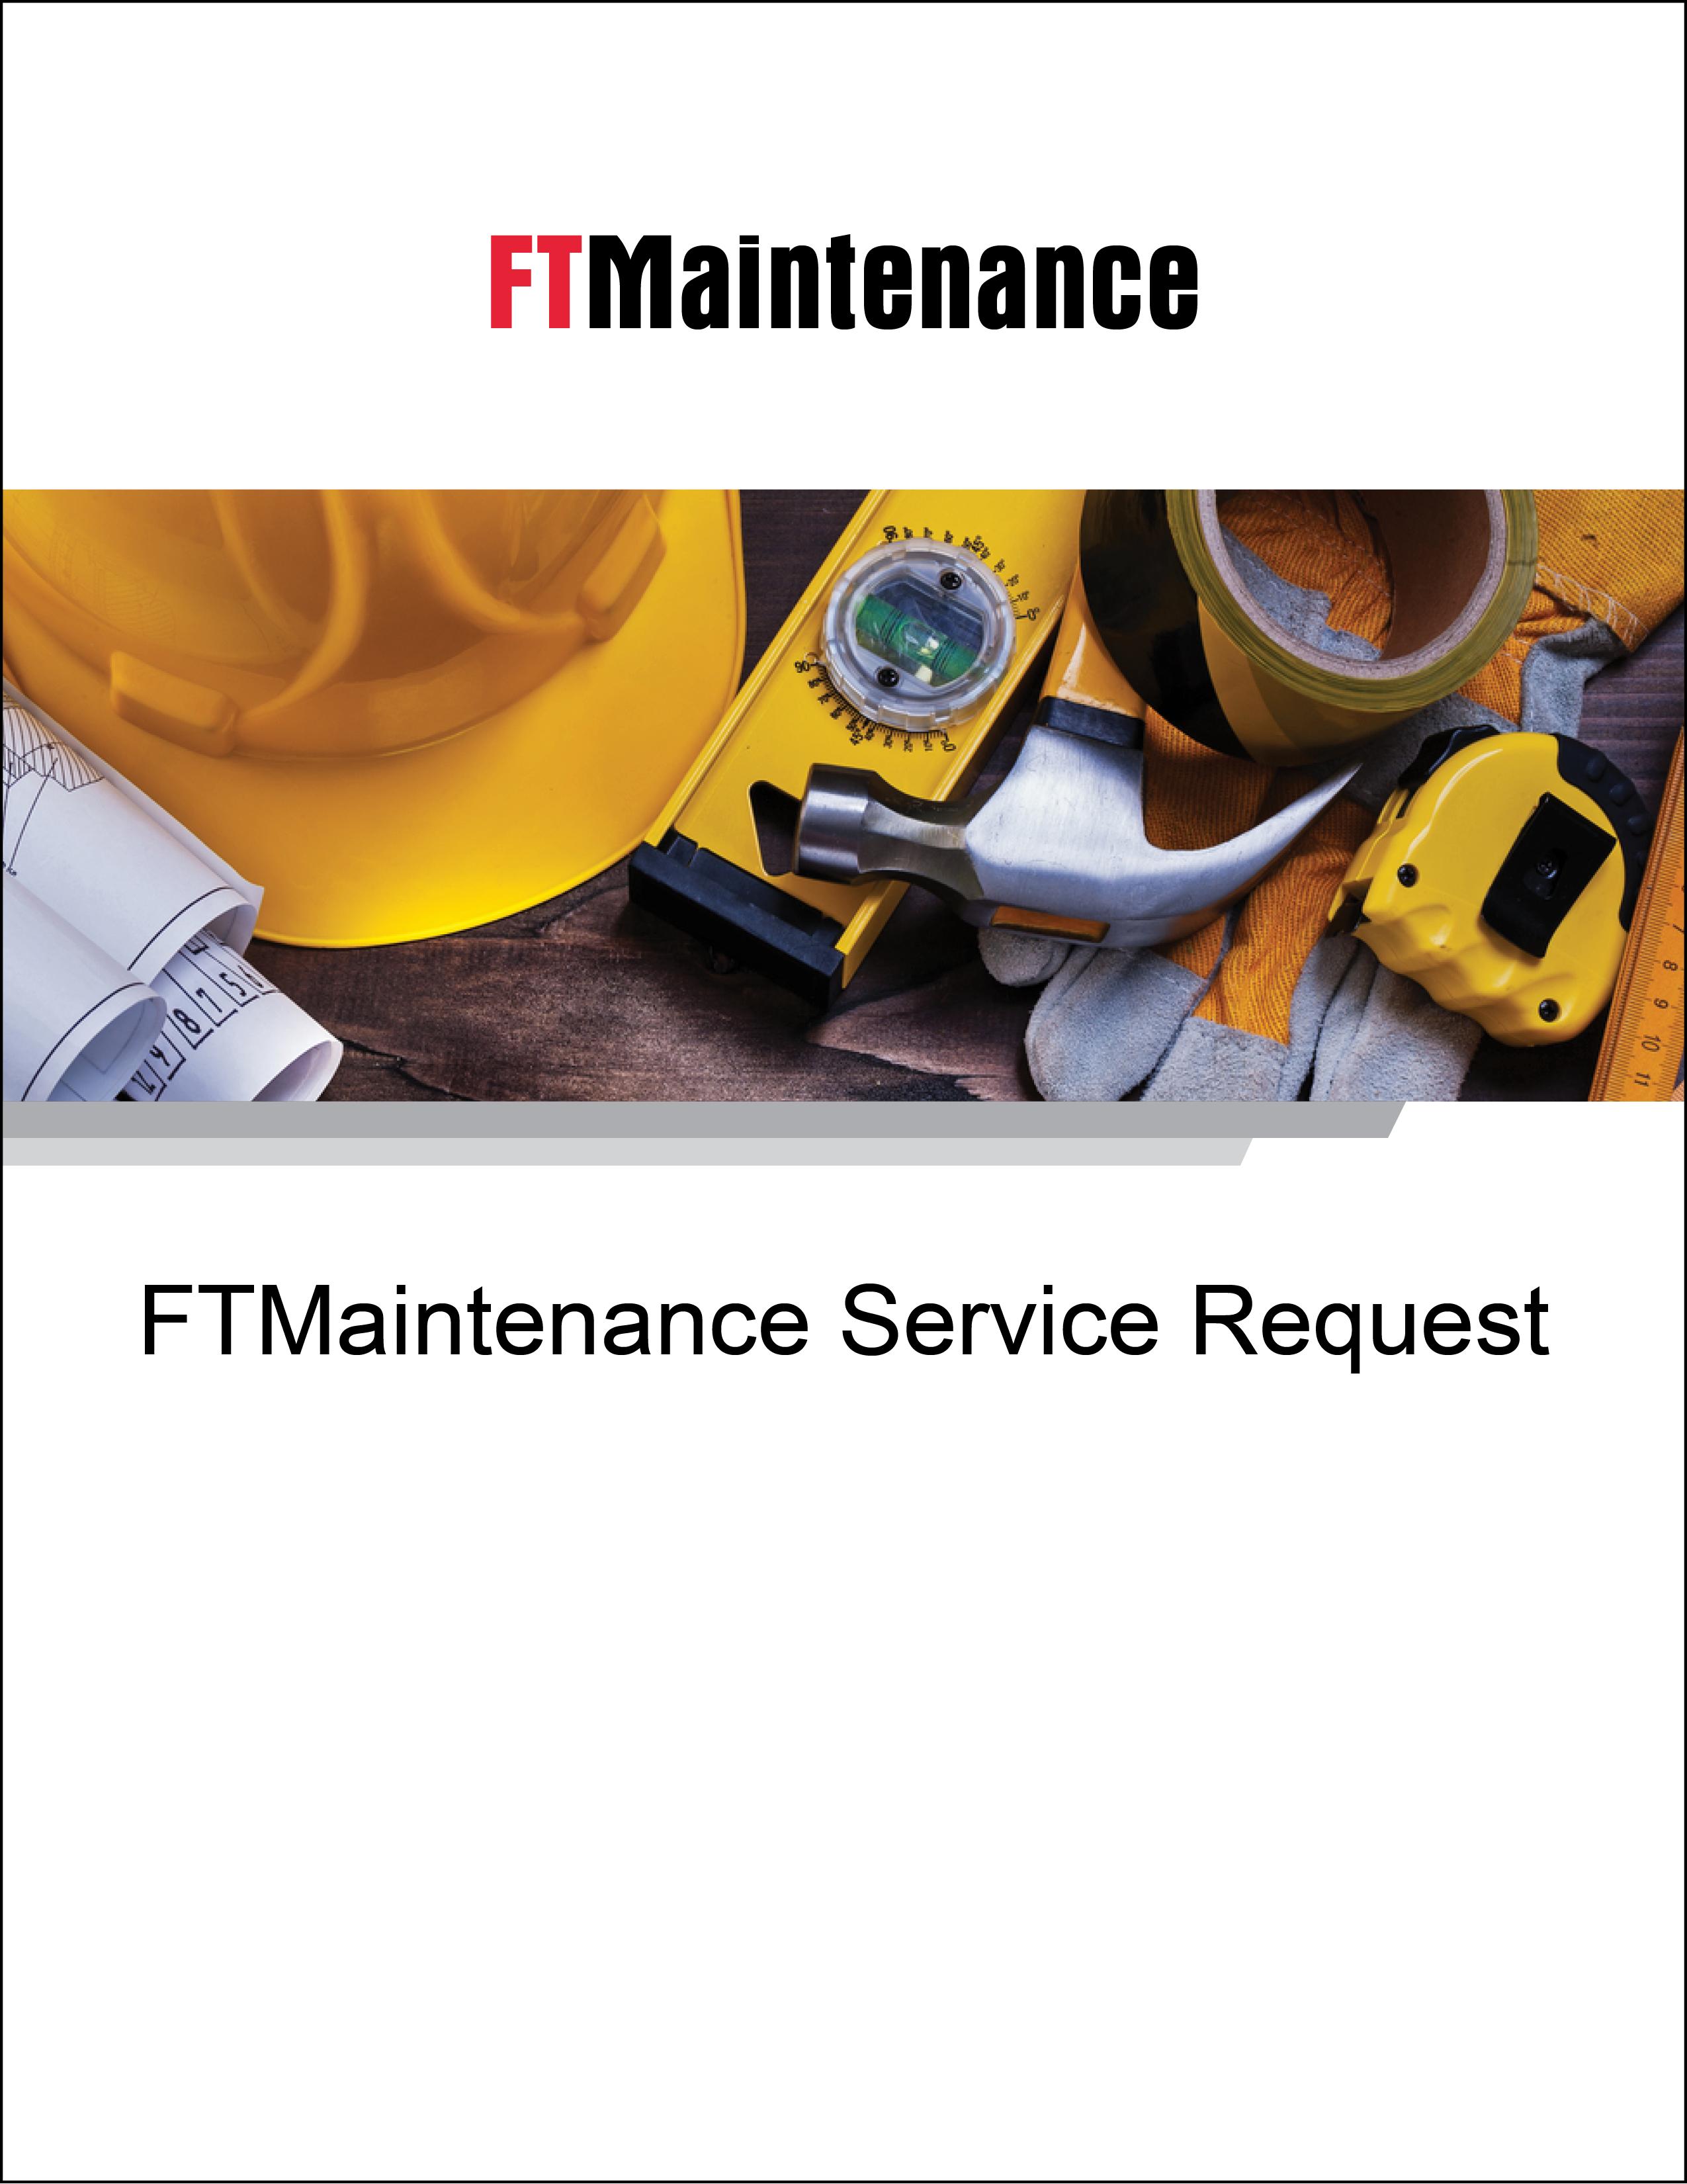 FTMaintenance Service Request Brochure